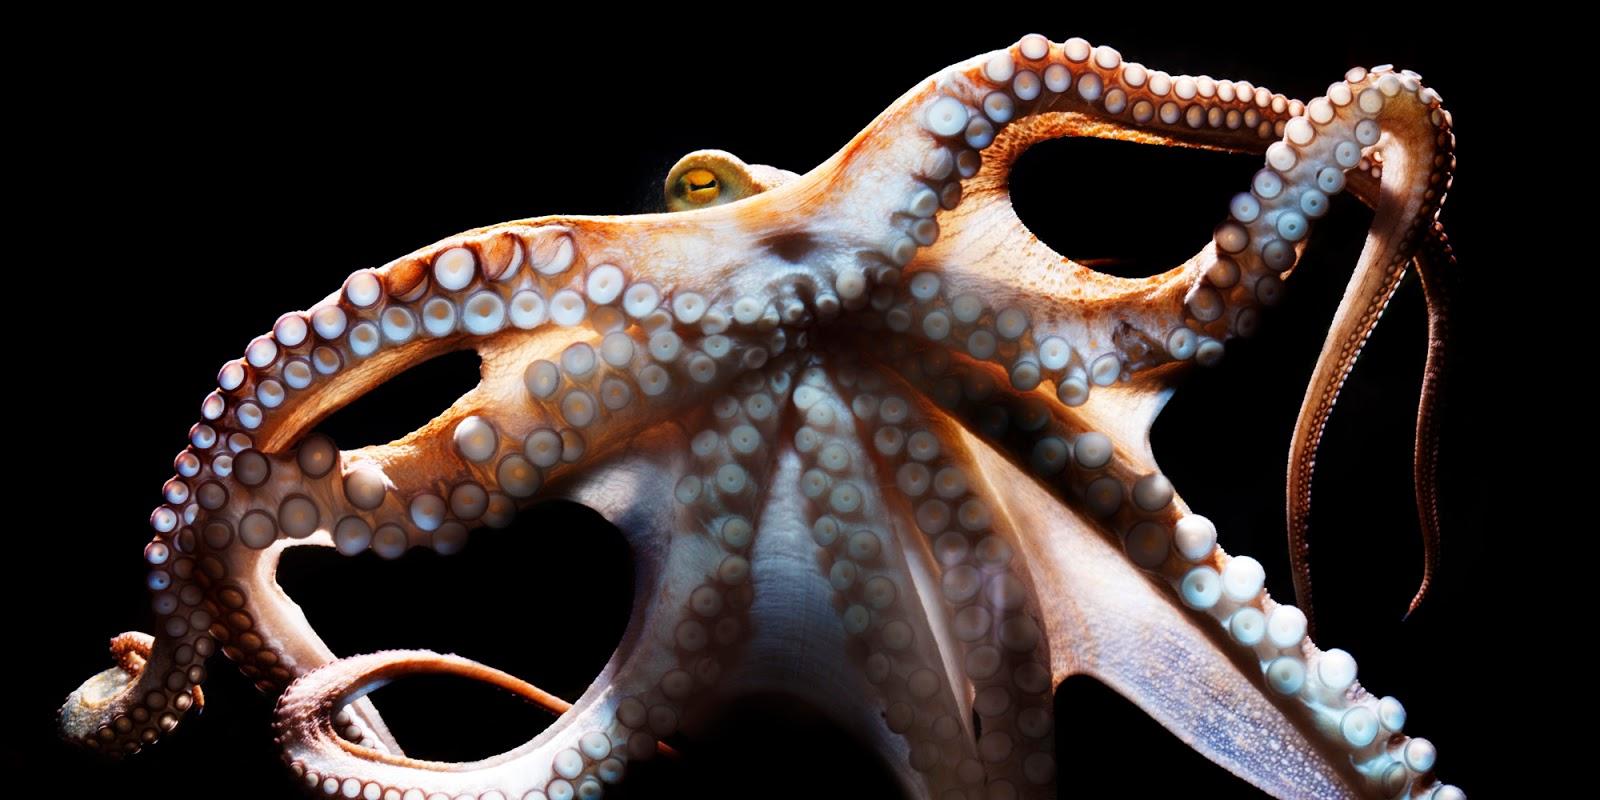 40 Koleksi Contoh Gambar Hewan Mollusca Gratis Terbaik